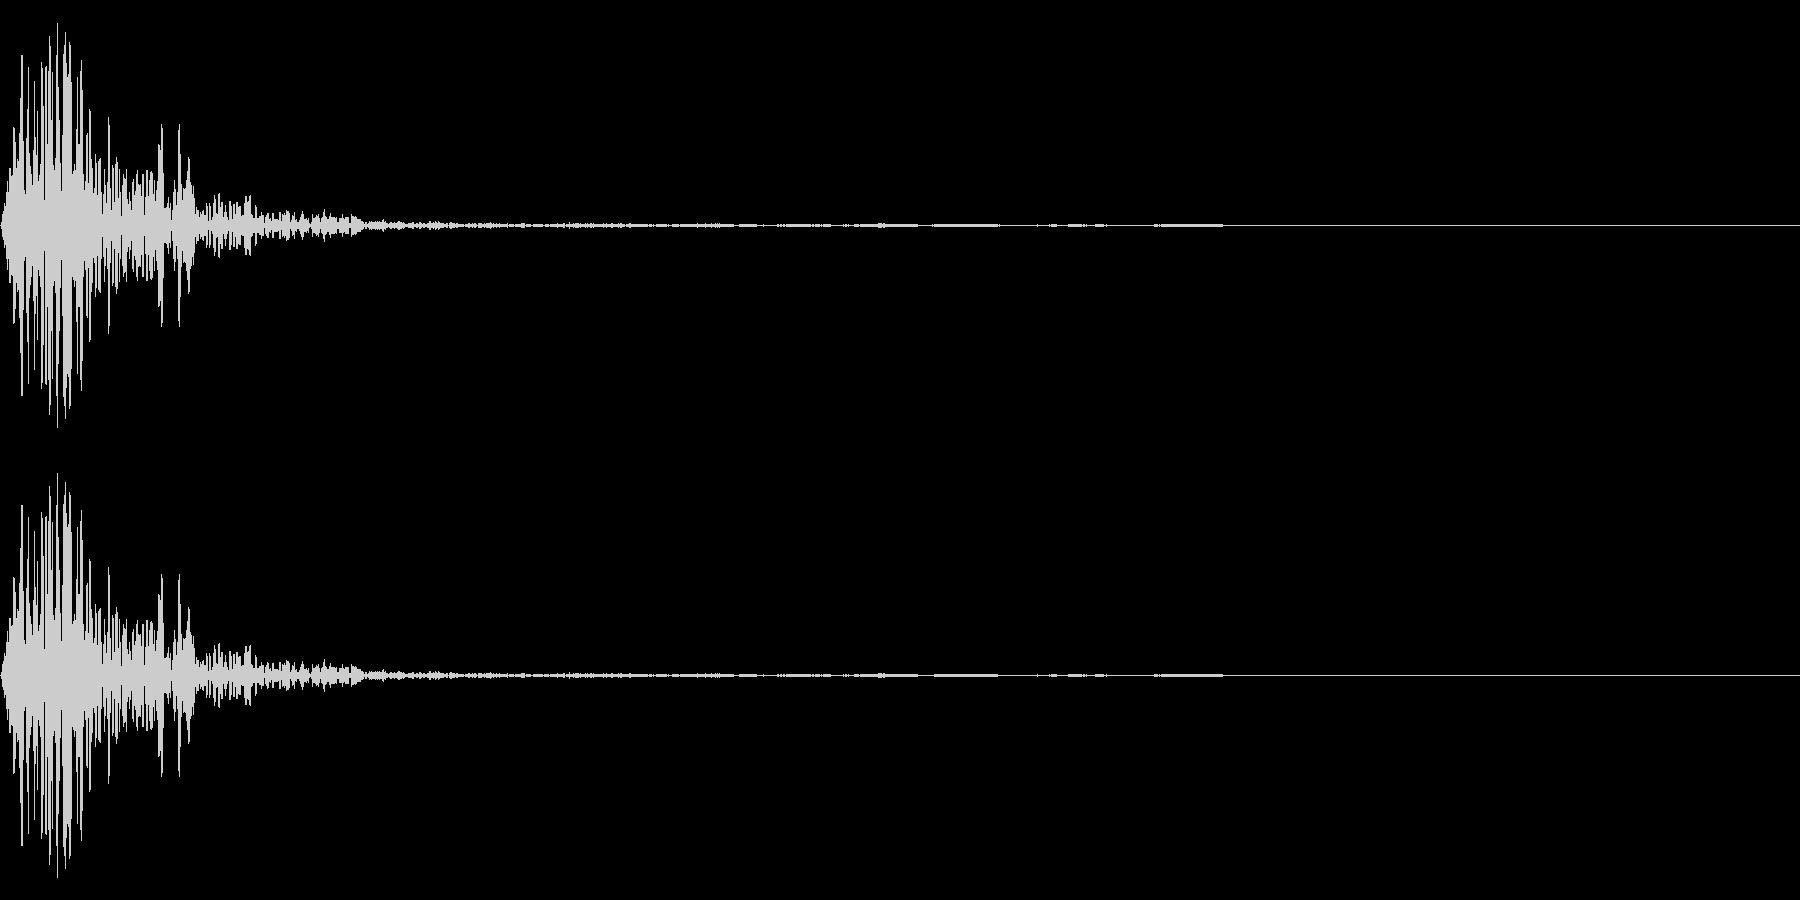 DEBRISによるメタルドラムヒッ...の未再生の波形